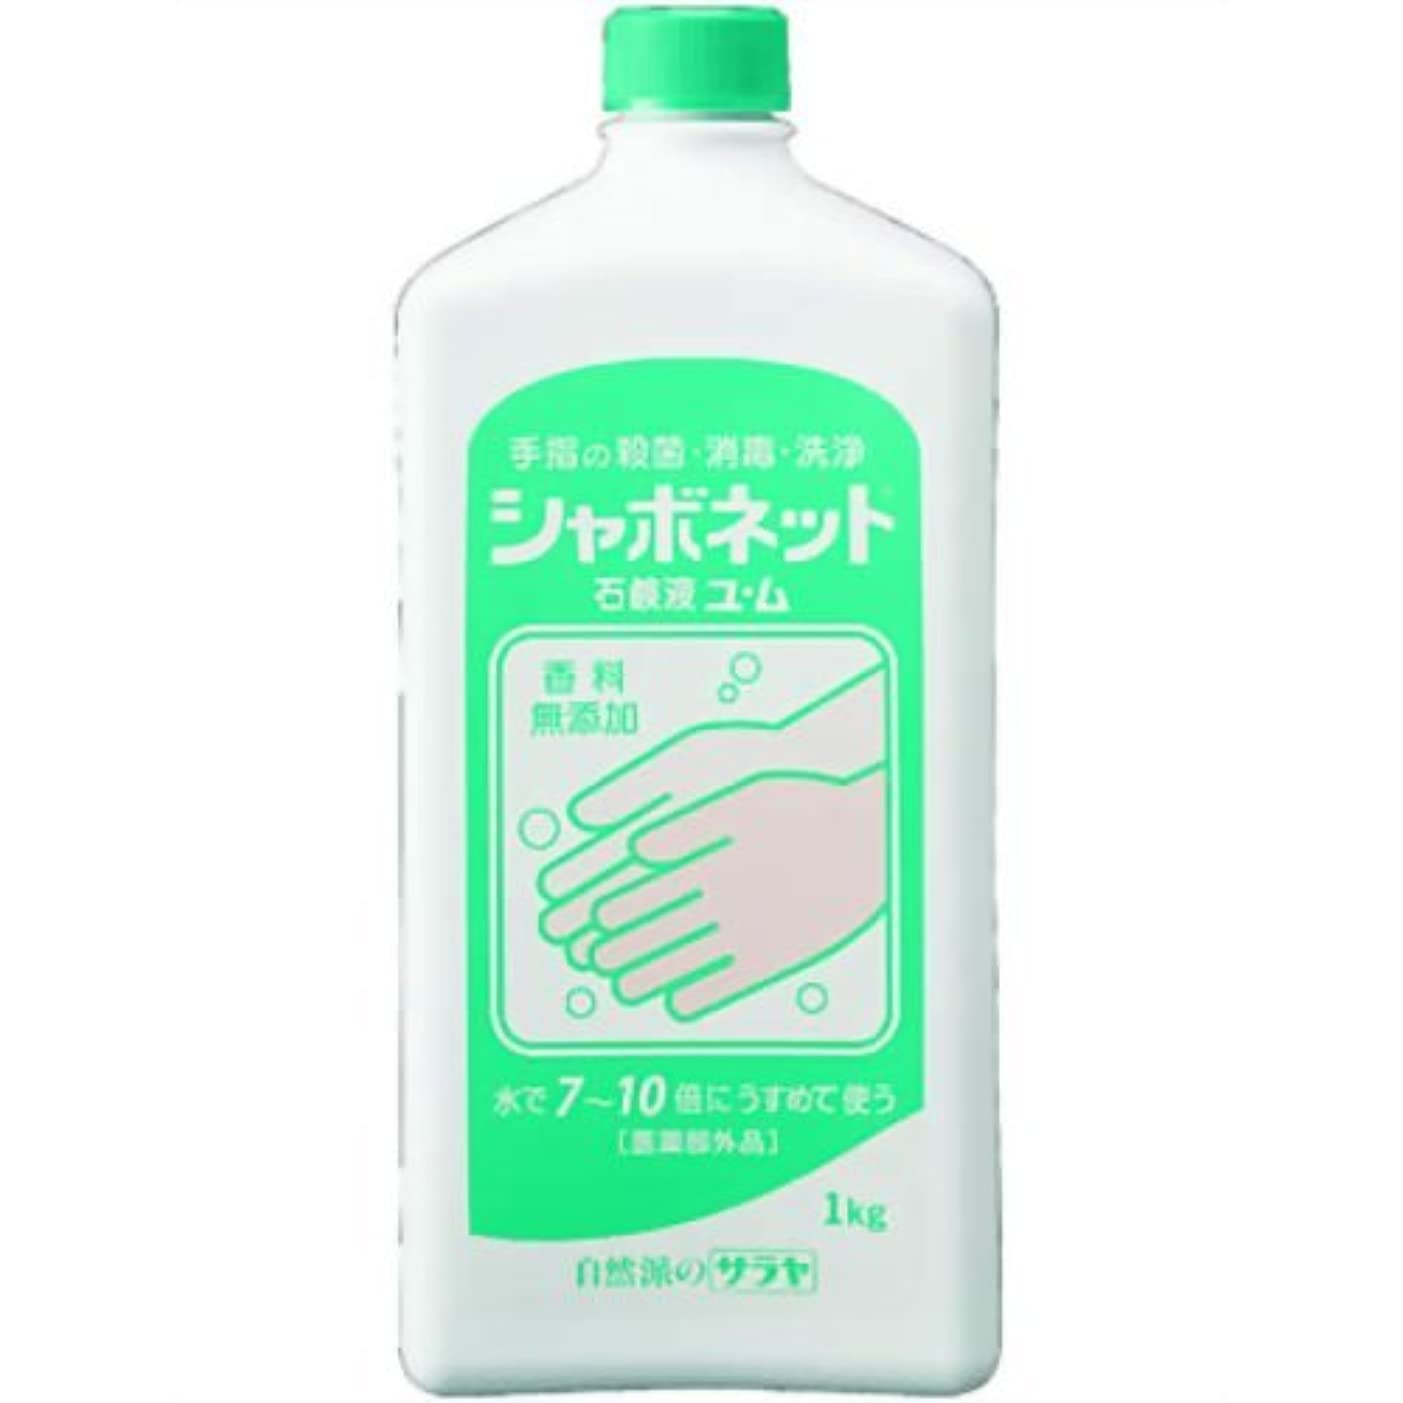 進捗将来の感謝祭シャボネット石鹸液ユ?ム 1kg